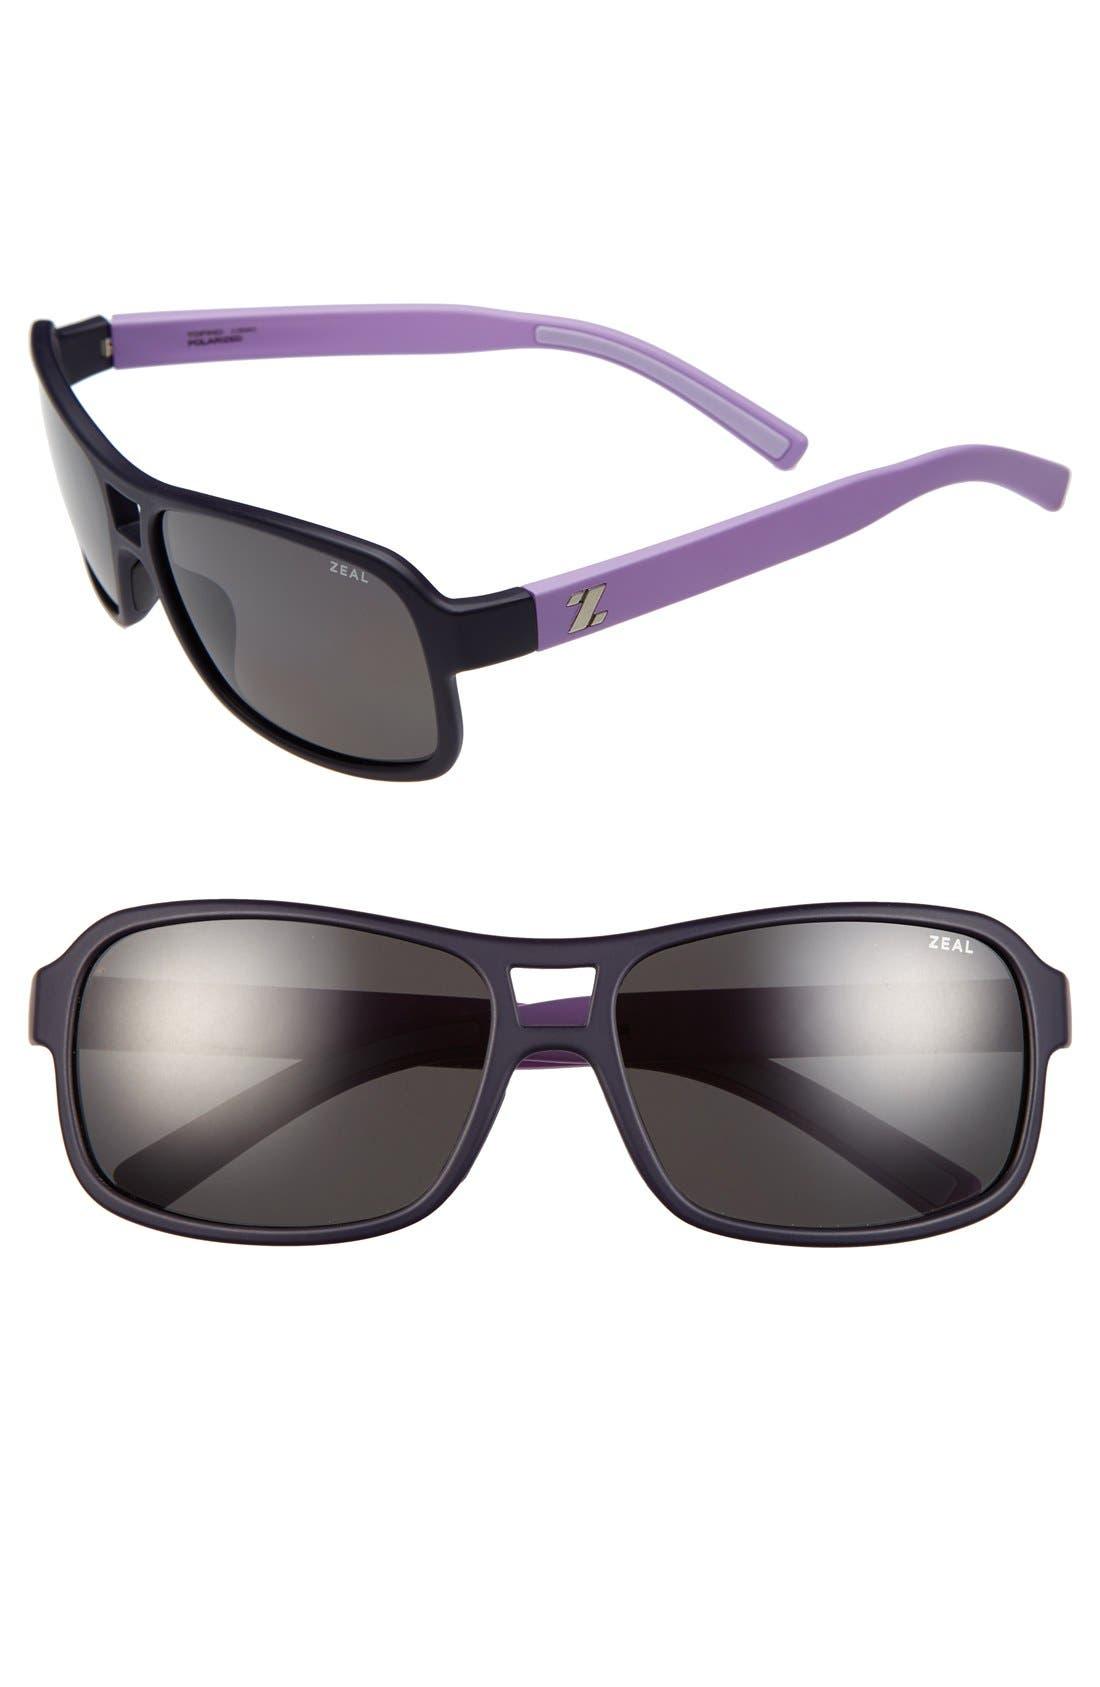 Main Image - Zeal Optics 'Tofino' 57mm Polarized Plant Based Sunglasses